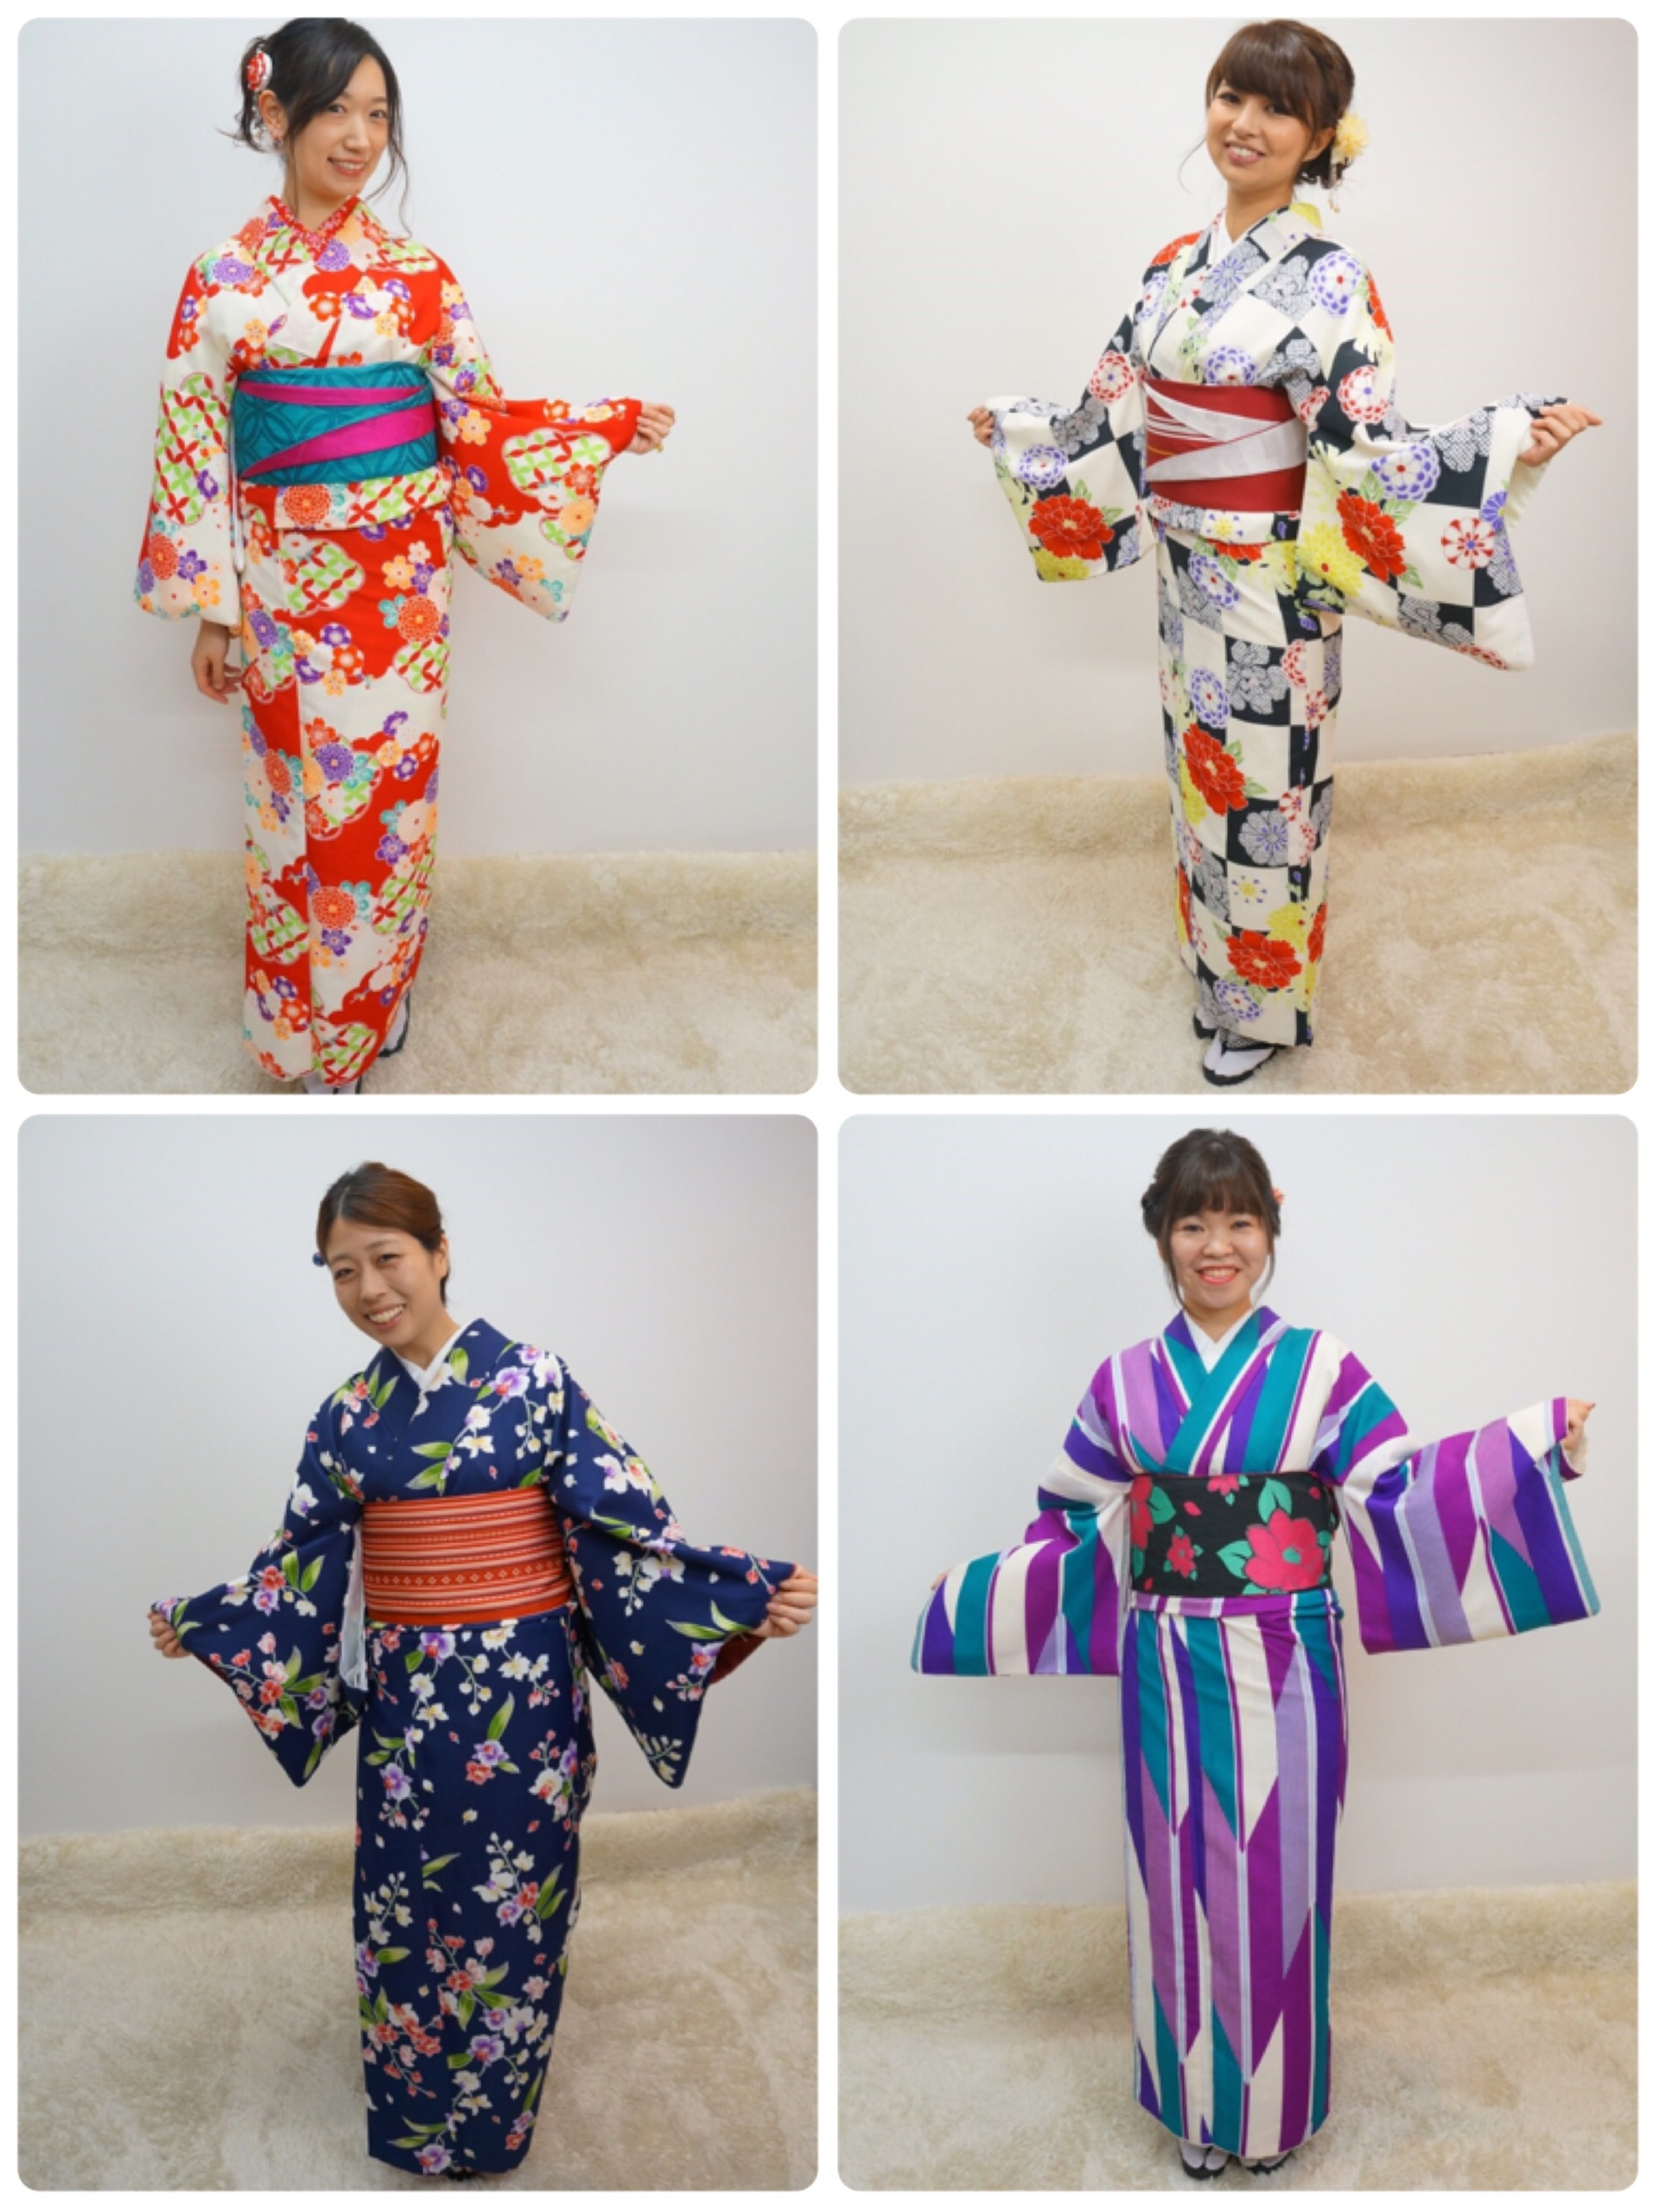 【✨着物レンタルwargo ¥2,900✨】手ぶらでOK!着物を着てお出掛けしよう❤︎鎌倉の「報国寺の竹林」「浄妙寺」「小町通り」を散歩しました♩≪samenyan≫_12